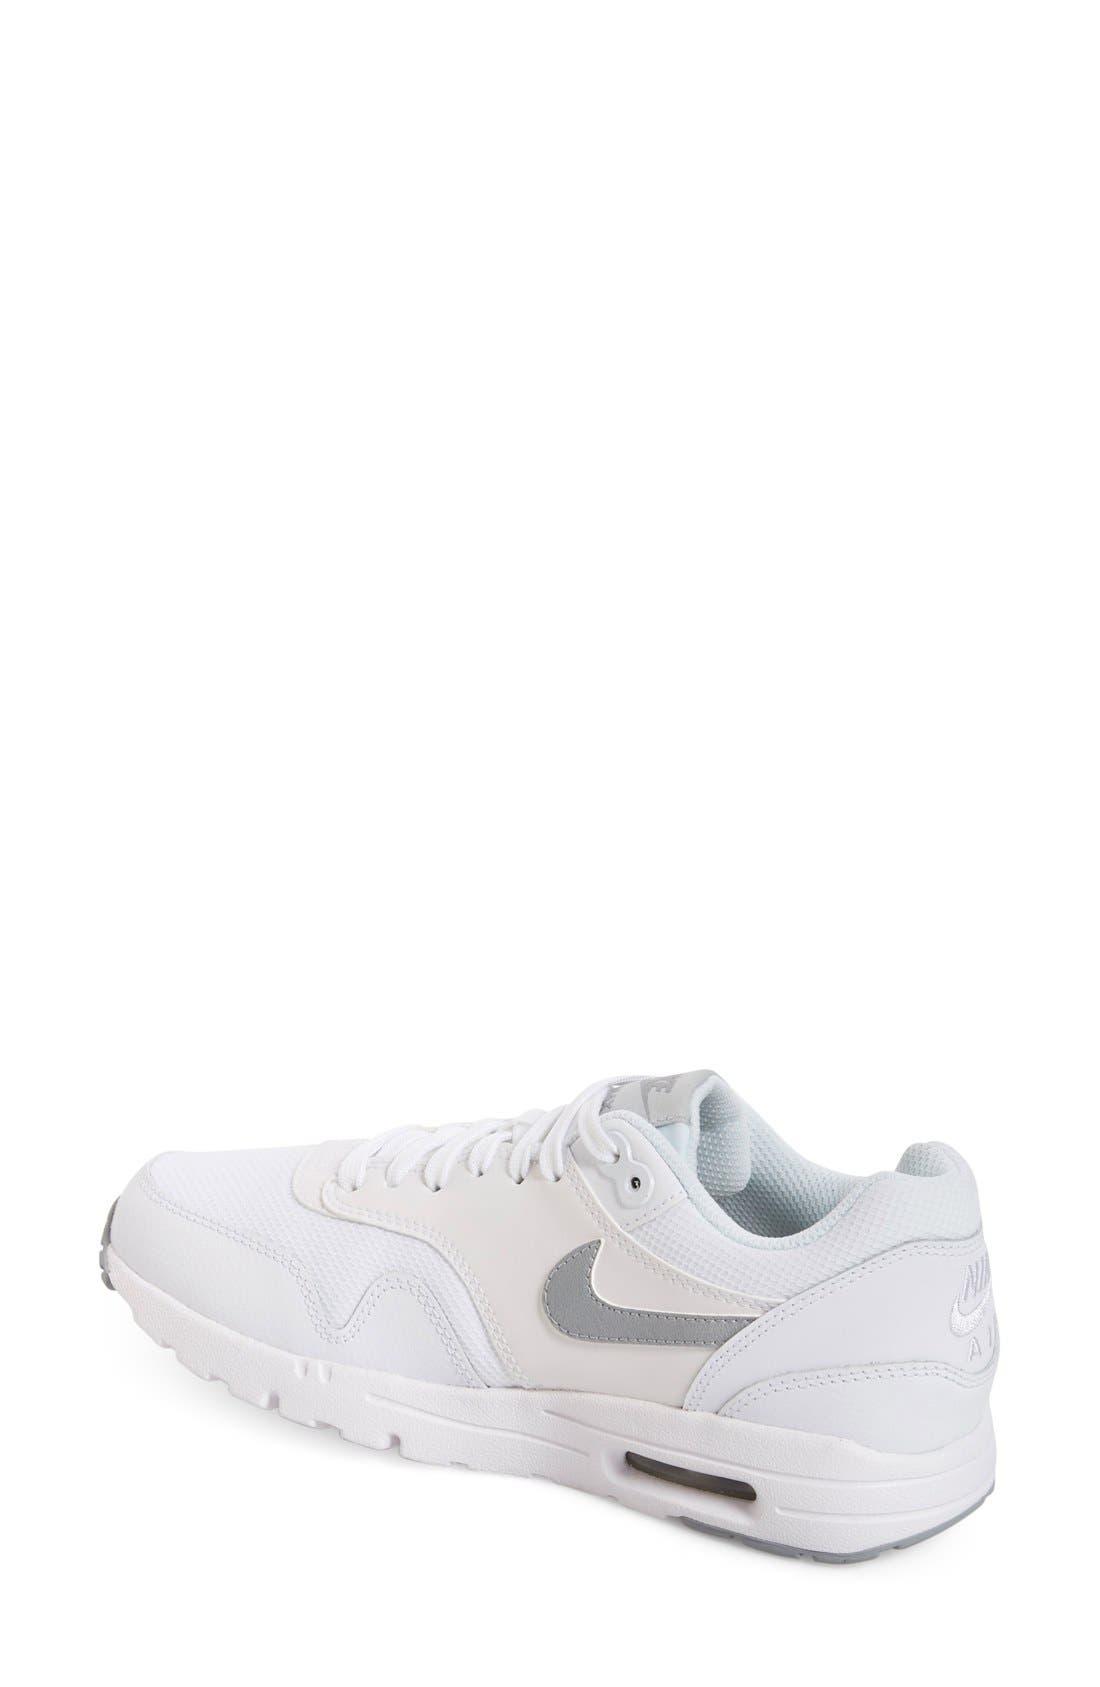 Alternate Image 2  - Nike 'Air Max 1' Sneaker (Women)